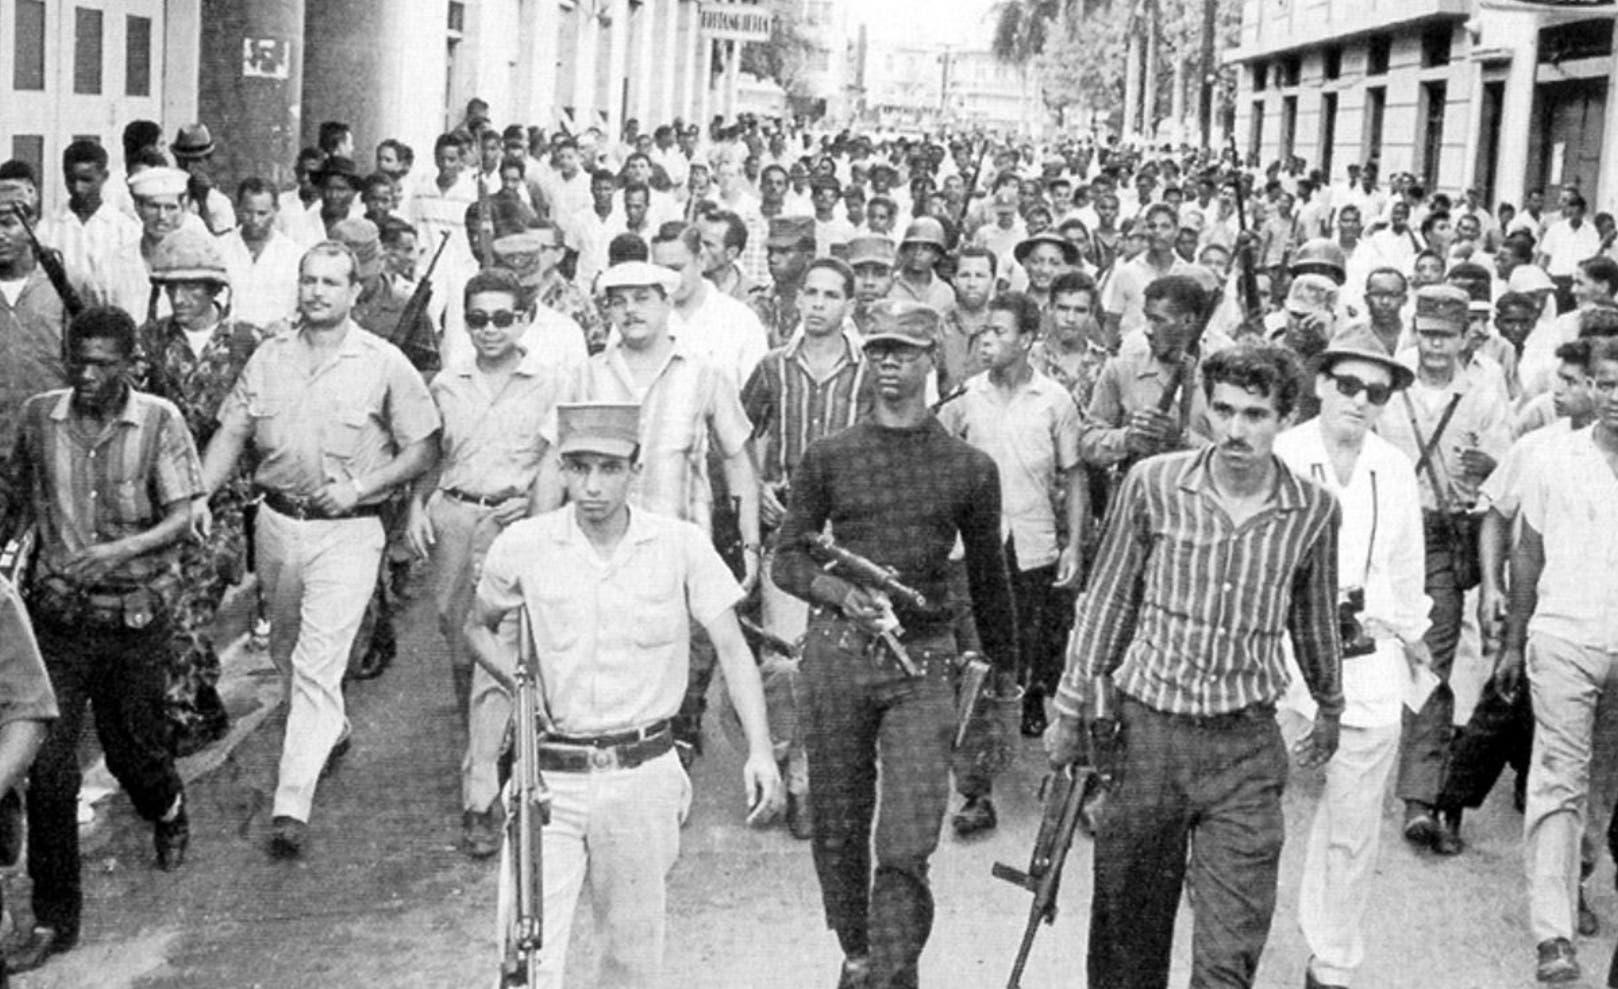 Revolución de Abril llega hoy a su aniversario 54